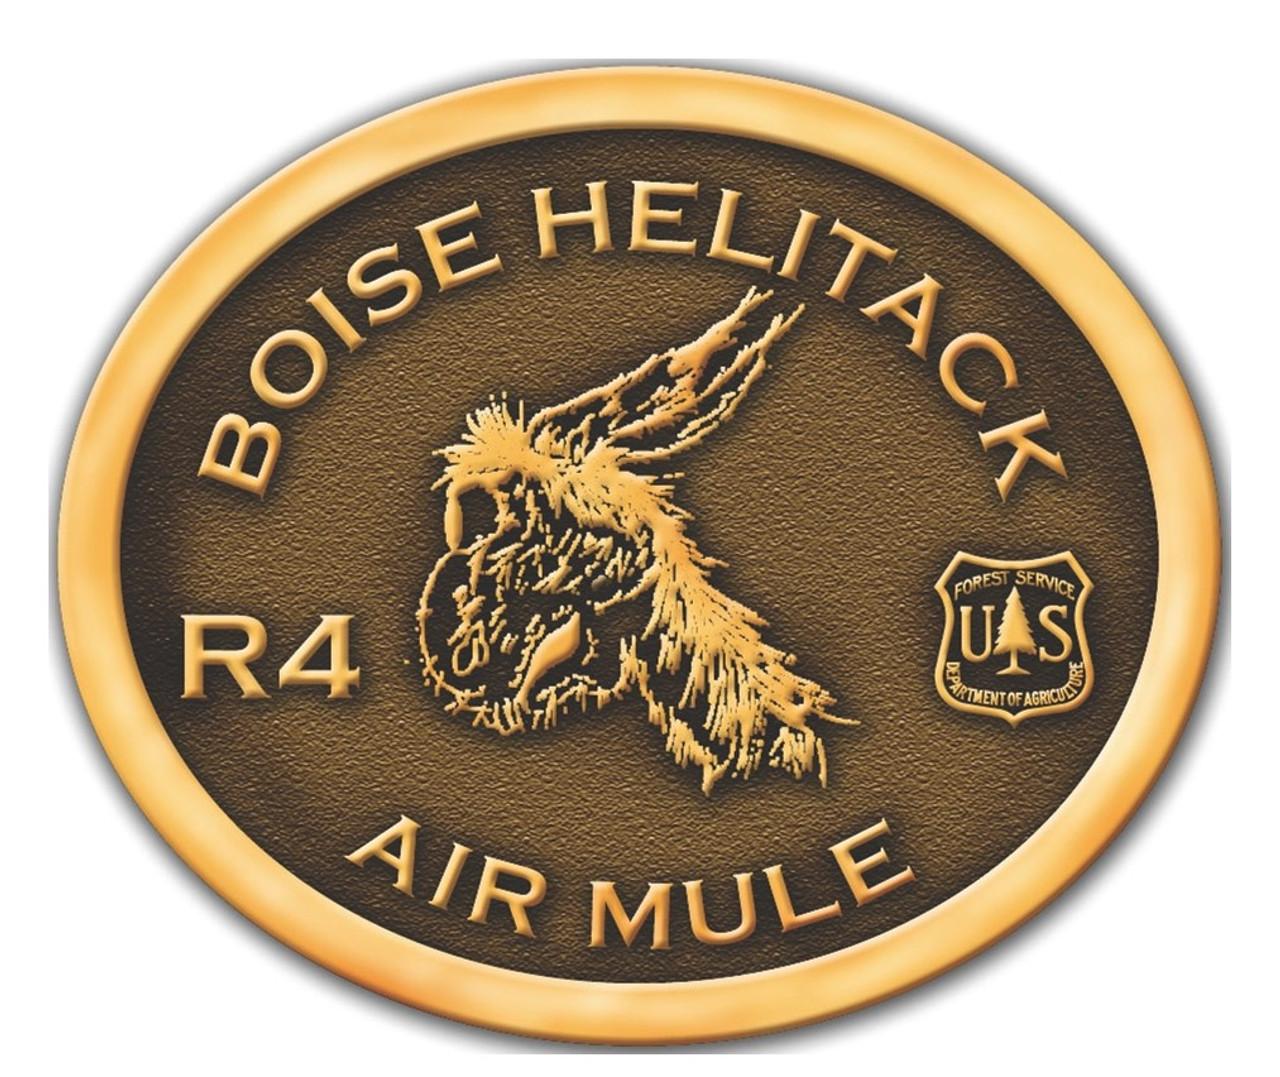 Boise Helitack Air Mule R4 Buckle (RESTRICTED)